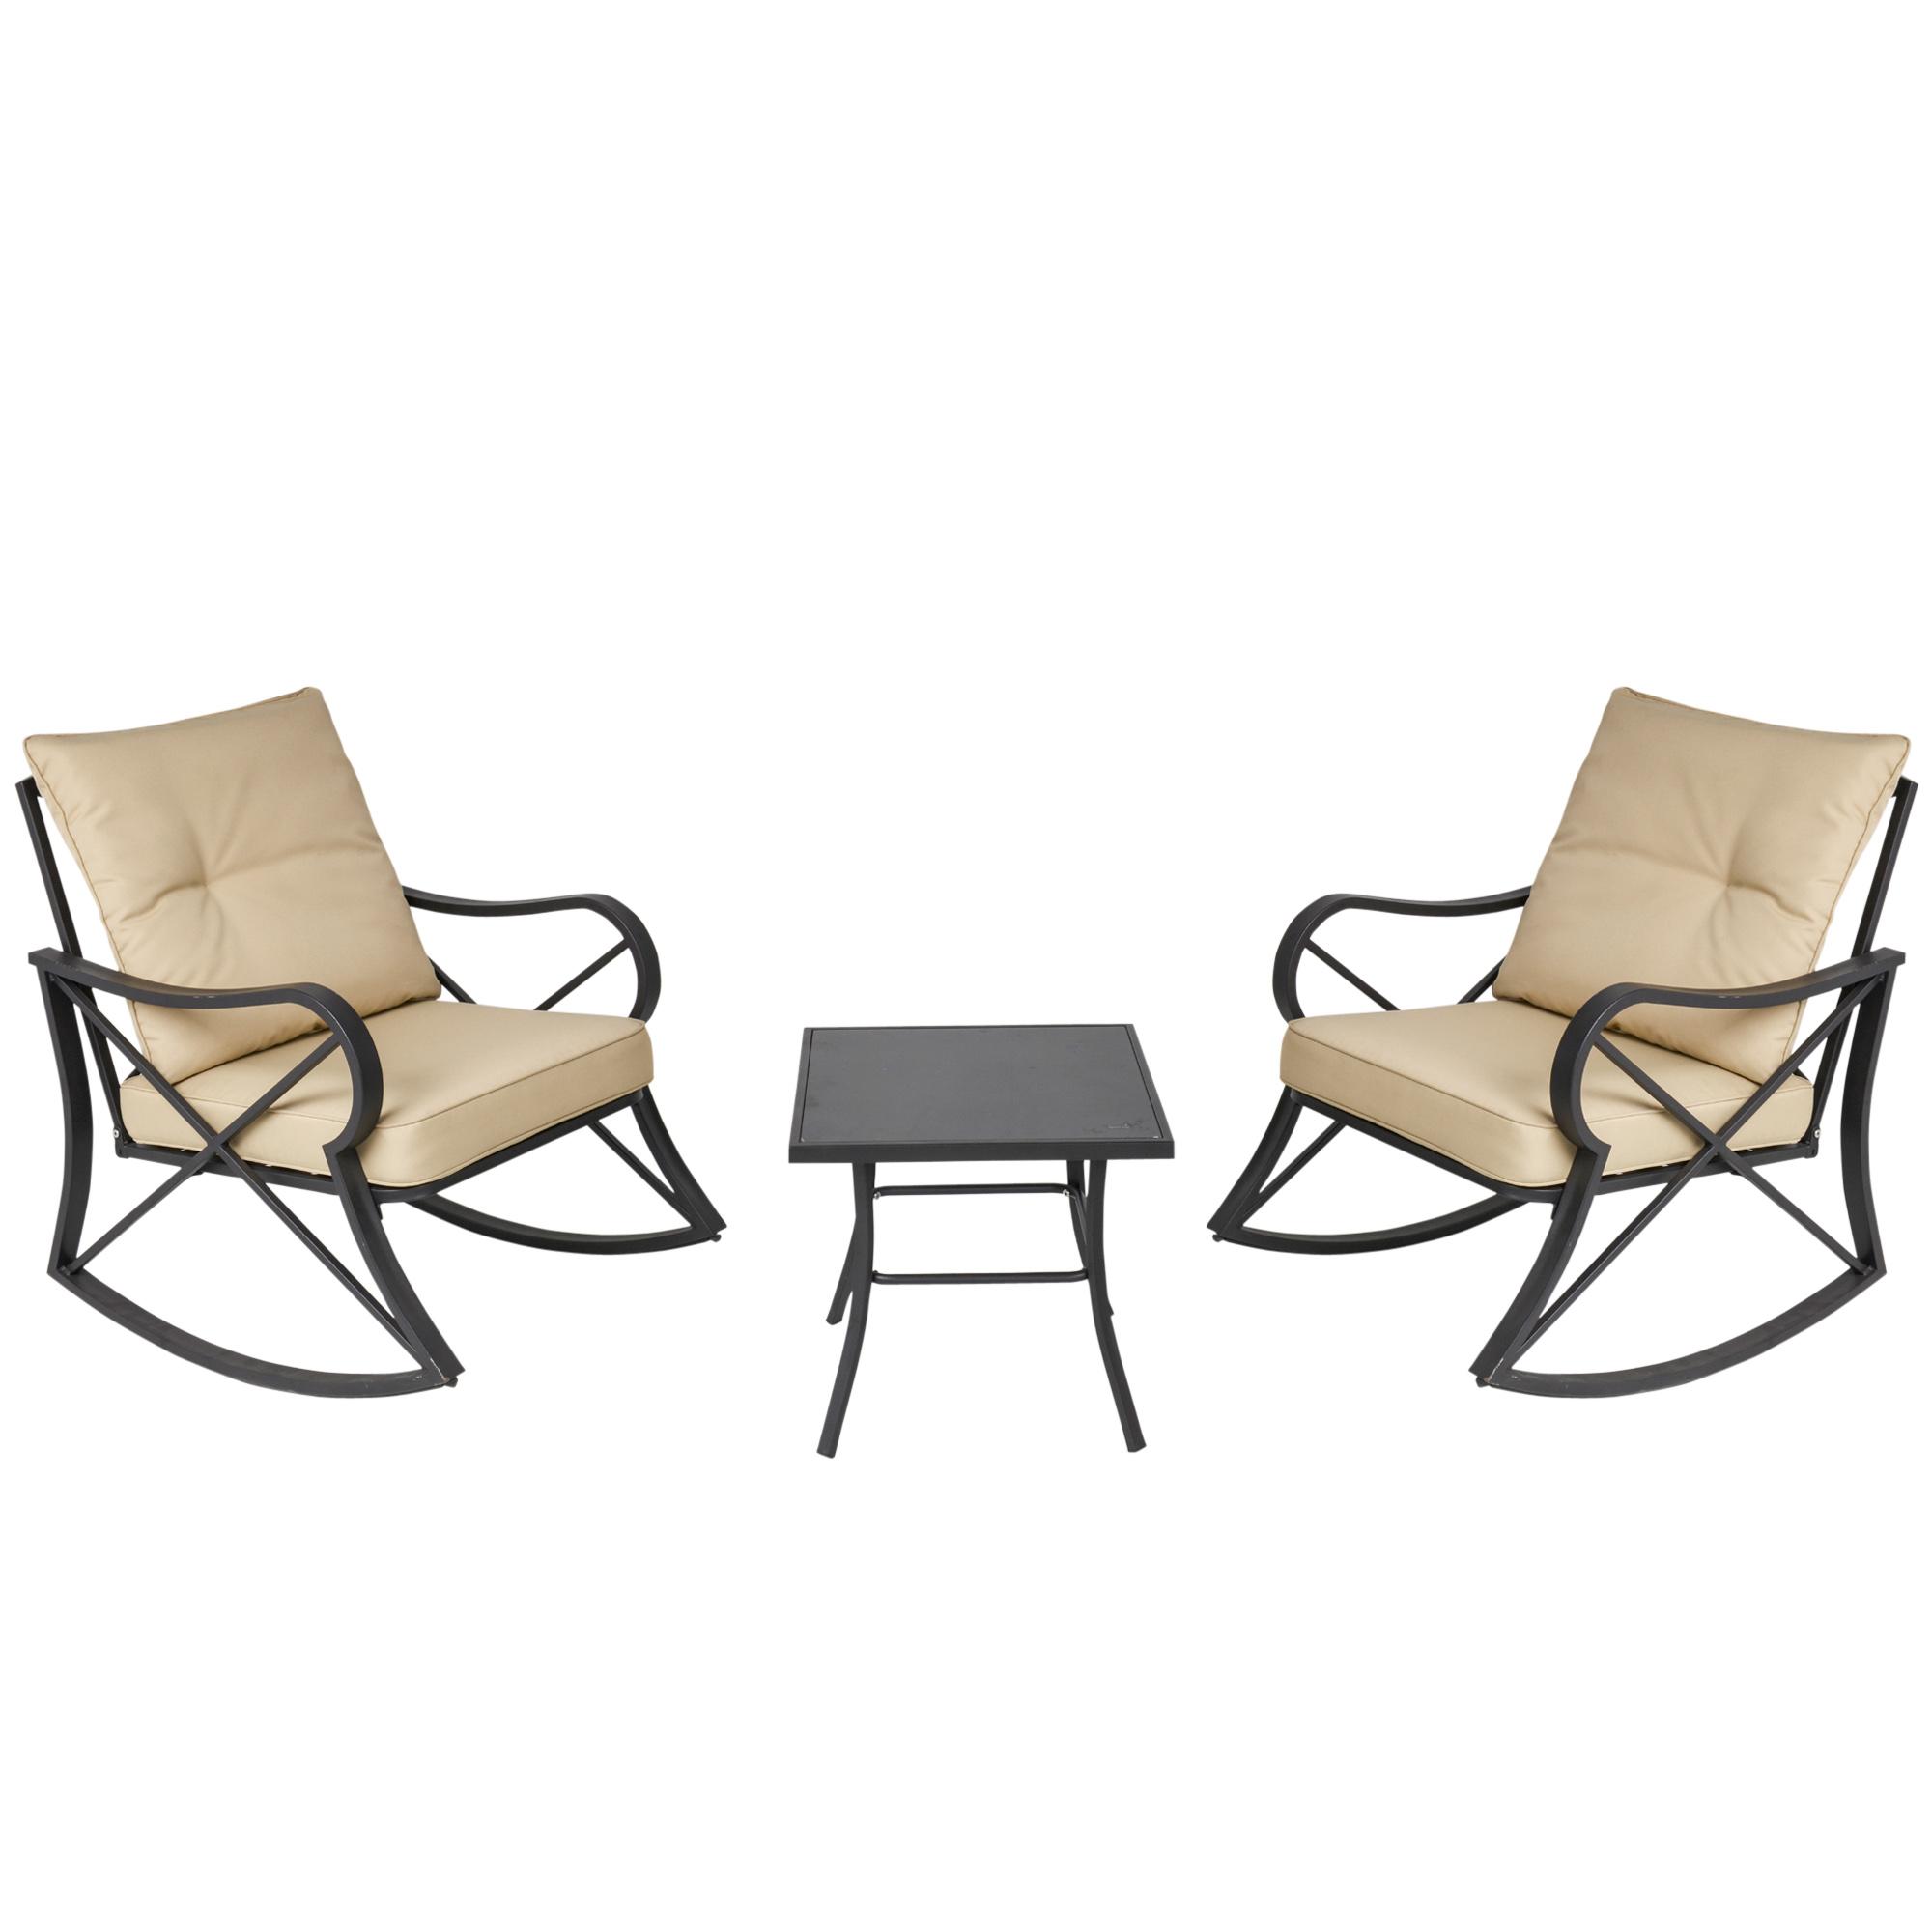 Ensemble de jardin 3 pièces acier époxy noir polyester beige